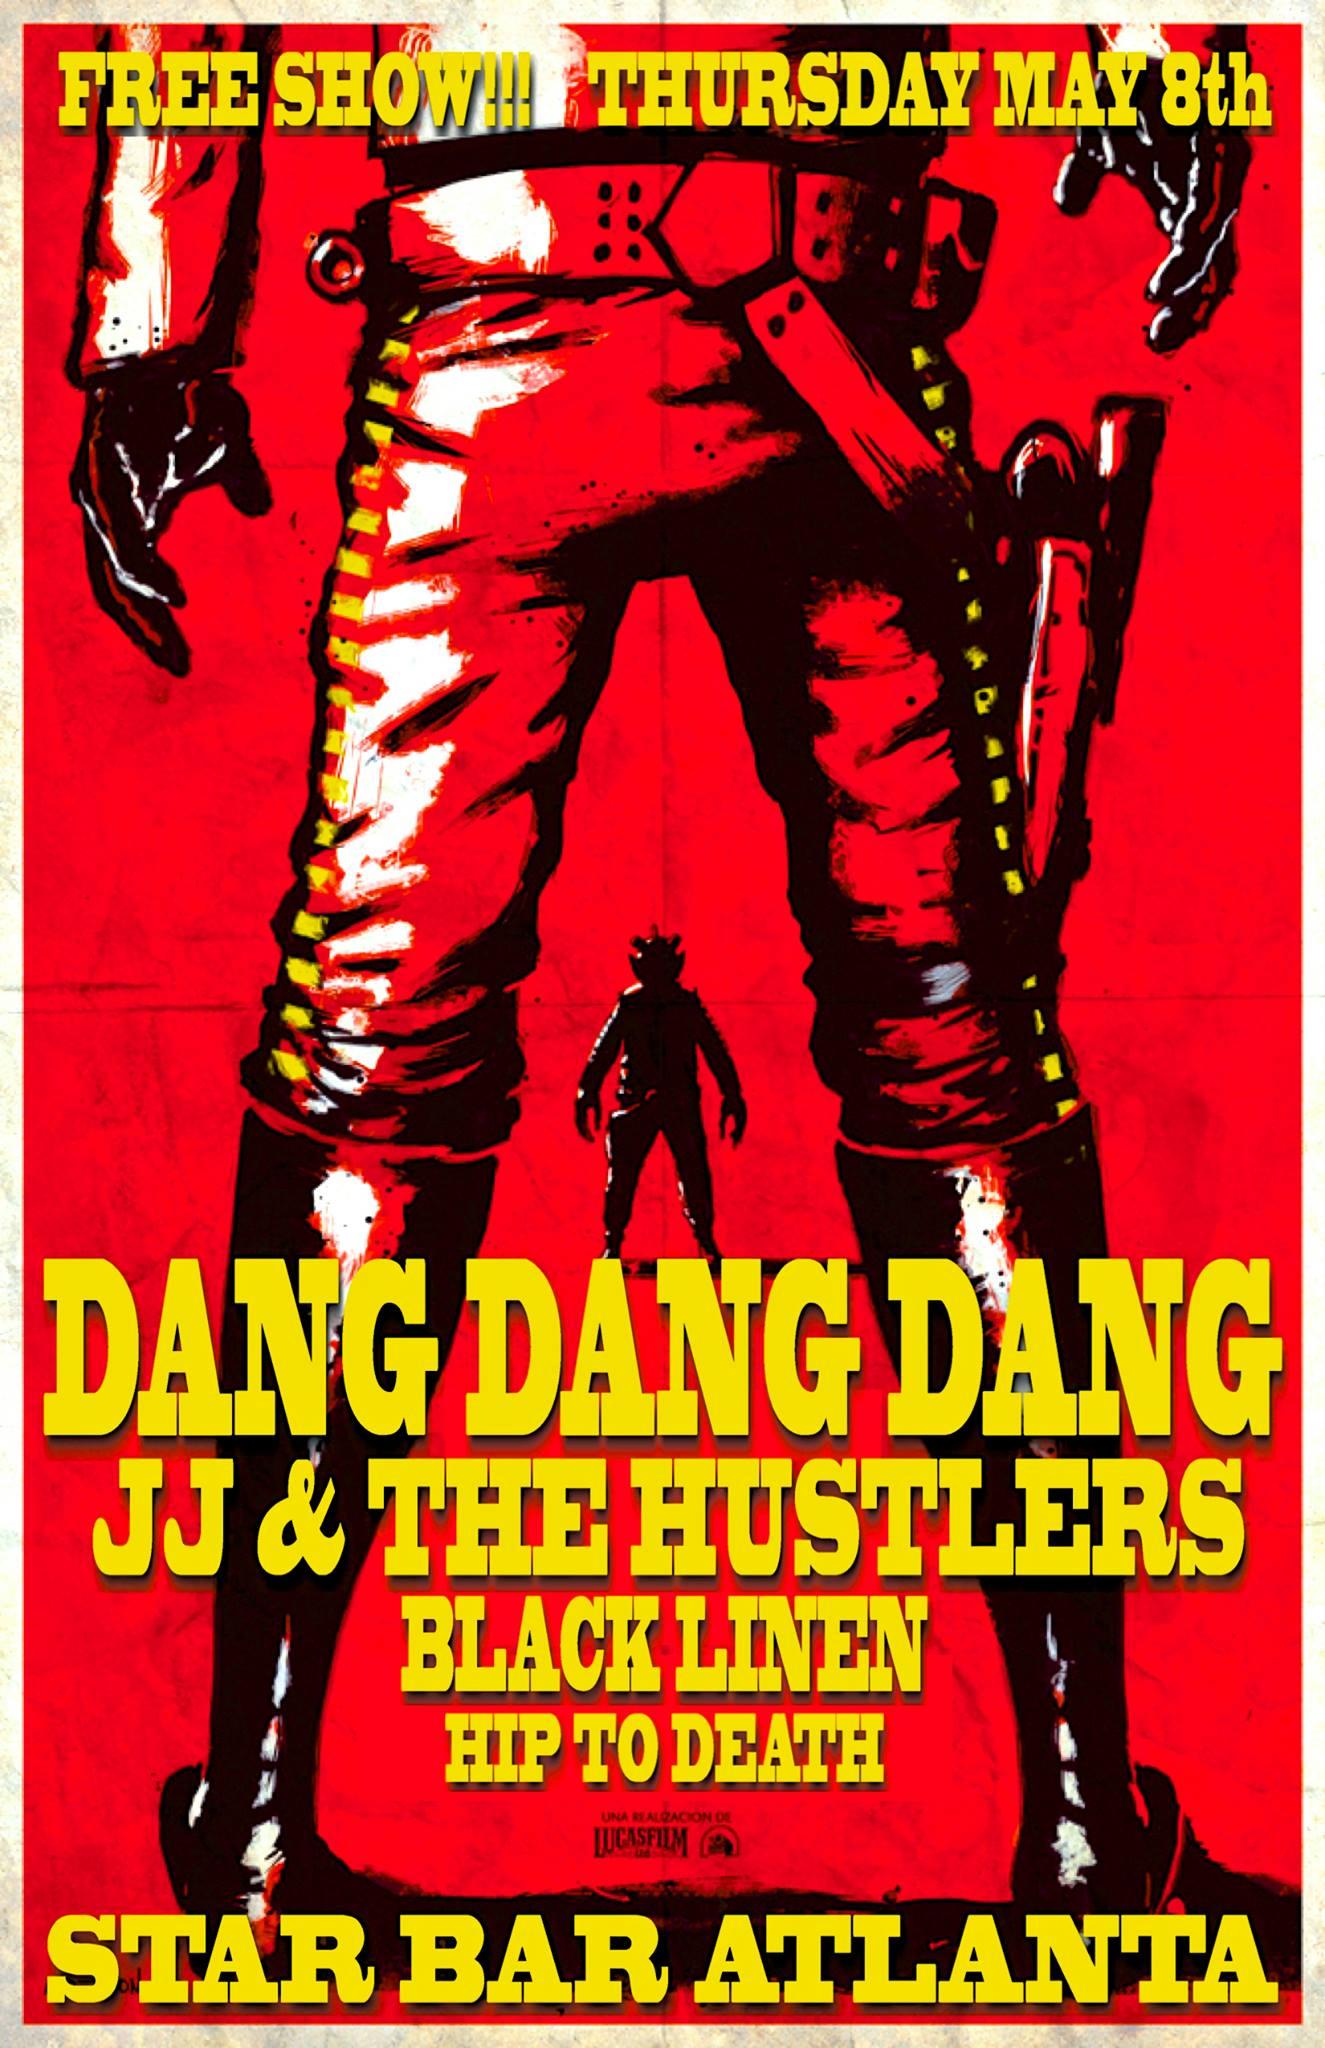 DANG DANG DANG ★ JJ & THE HUSTLERS ★ BLACK LINEN ★ HIP TO DEATH — May 8, 2014 — The Star Community Bar, Atlanta, GA